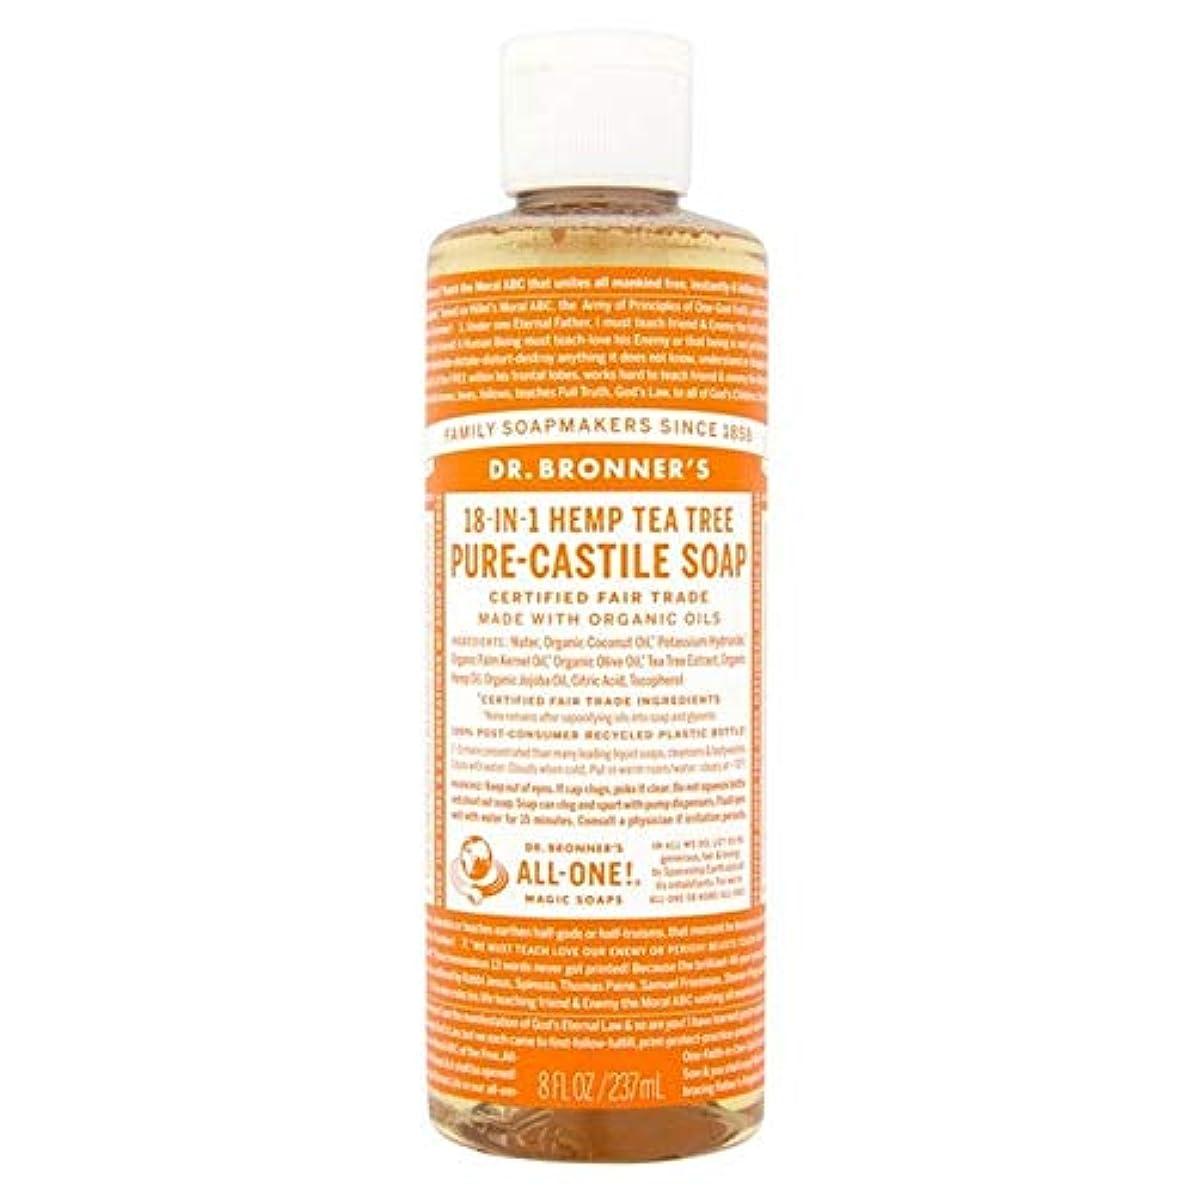 背が高い太平洋諸島ヘア[Dr Bronner] Dr。ブロナーズオーガニックティーツリー純粋-カスティーリャ液体石鹸237ミリリットル - Dr. Bronner's Organic Tea Tree Pure-Castile Liquid...